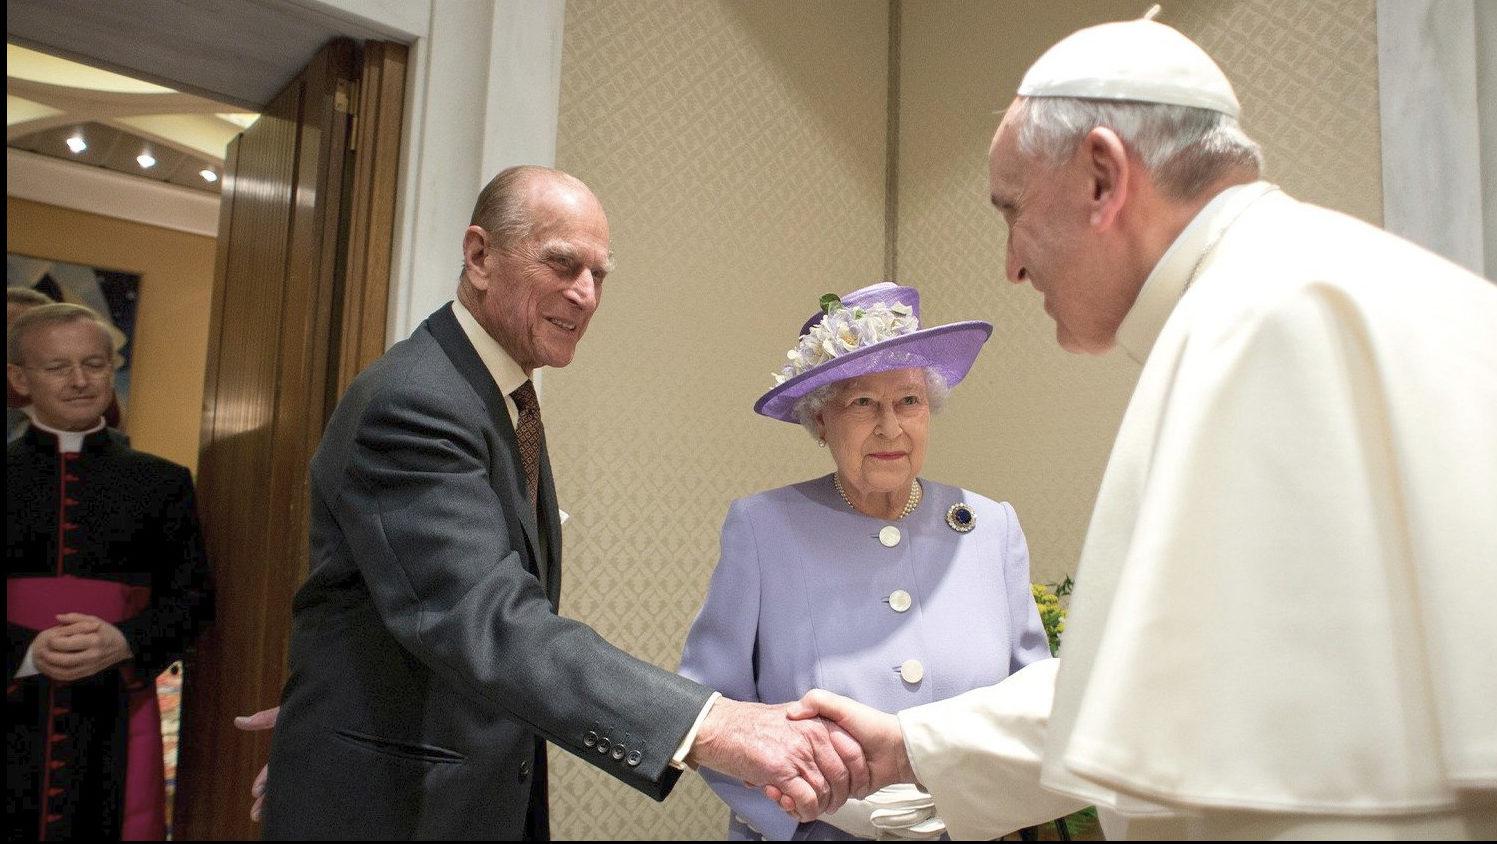 Visite de la reine Elizabeth et du prince Philip au Vatican, avril 2014 © Vatican Media